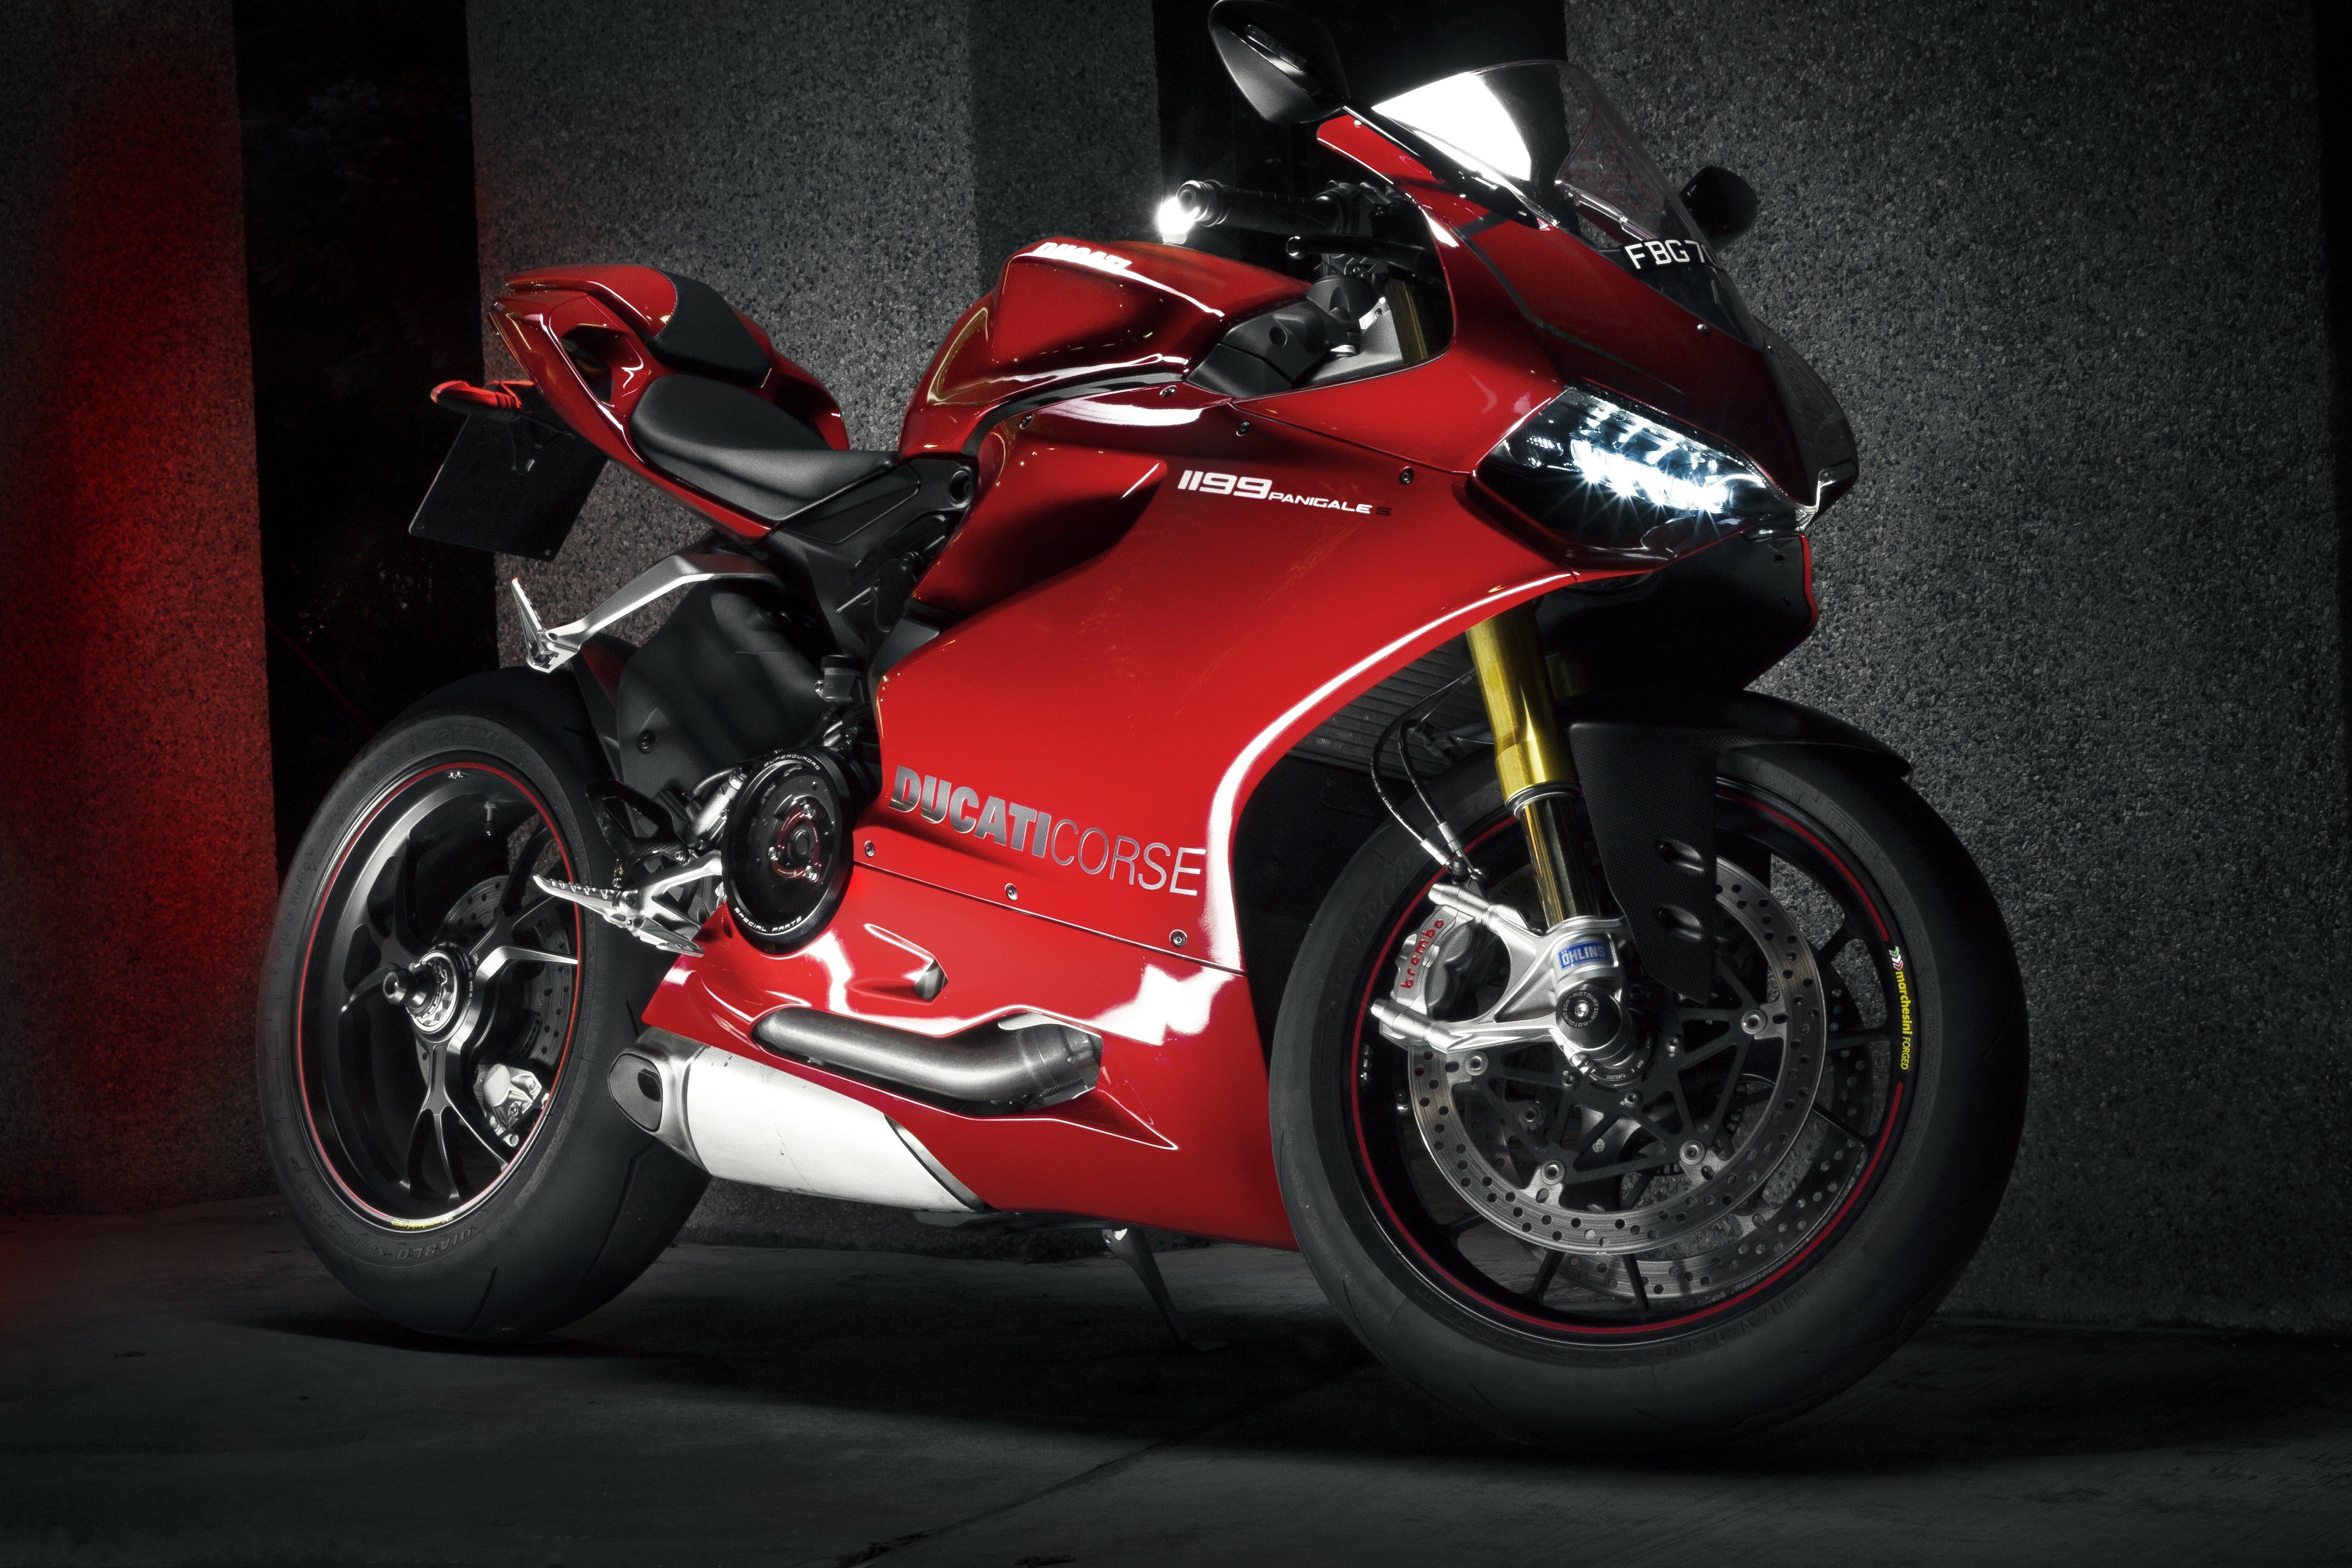 Superbike Hd Wallpaper Full Screen: Ducati 1199 Panigale Wallpaper